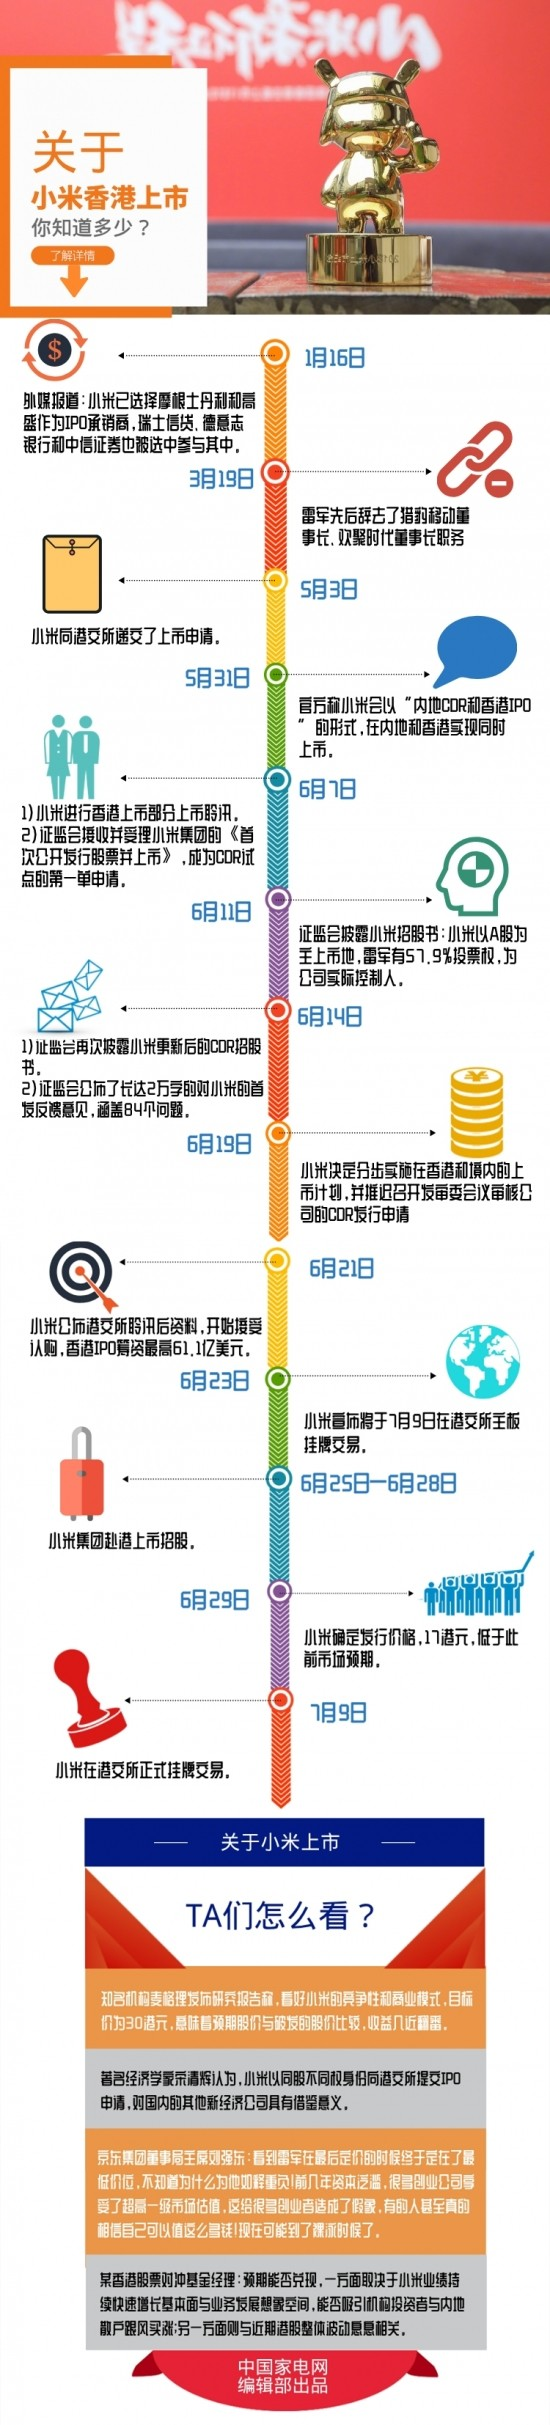 小米香港上市知多少?一张图带你了解全部